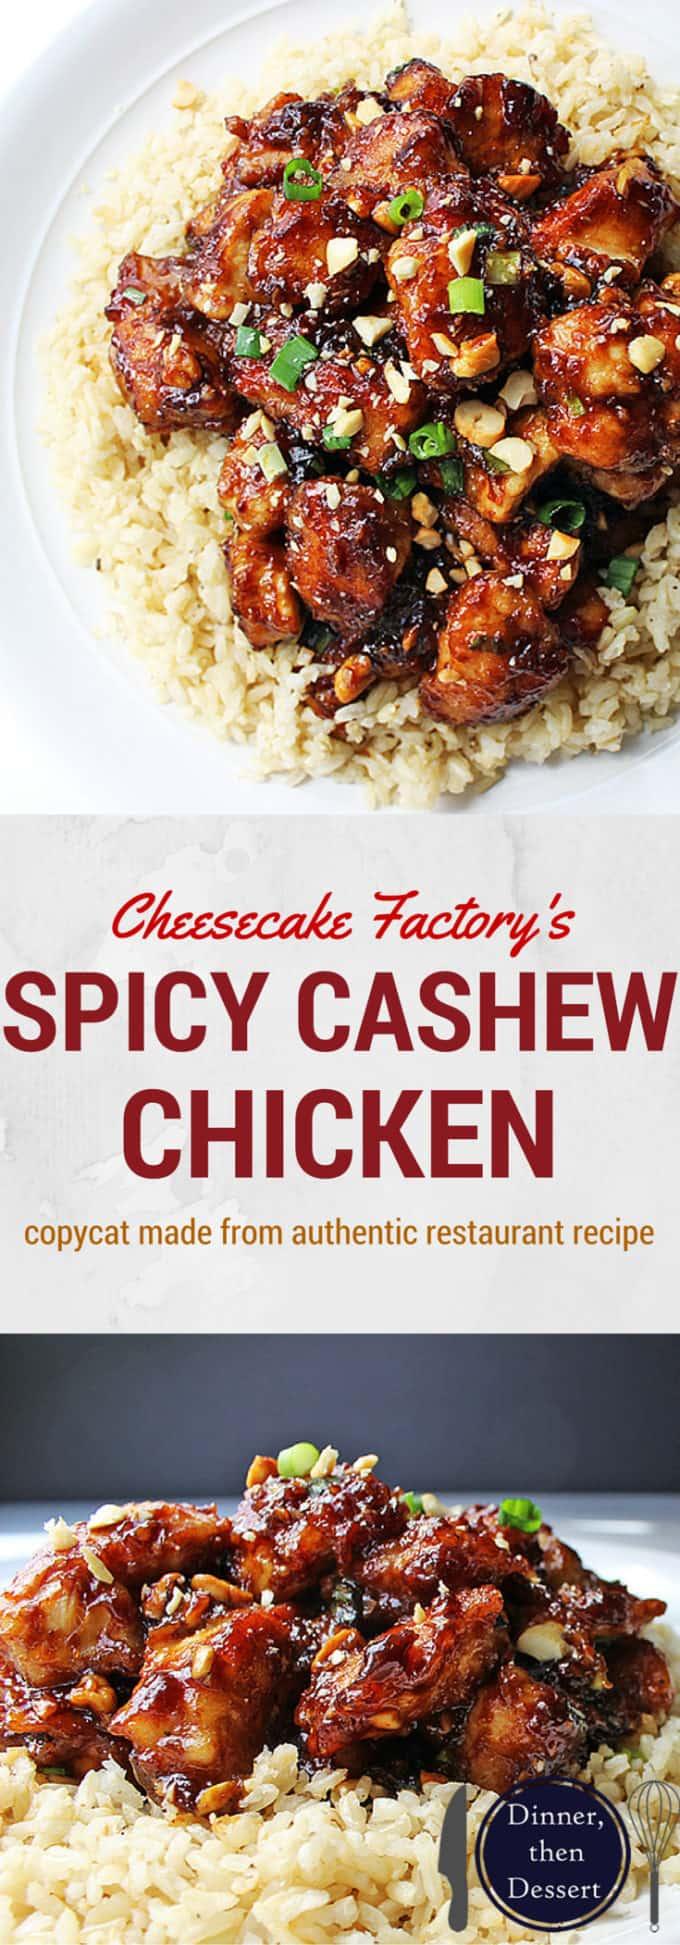 Cheesecake Factory S Spicy Cashew Chicken Dinner Then Dessert